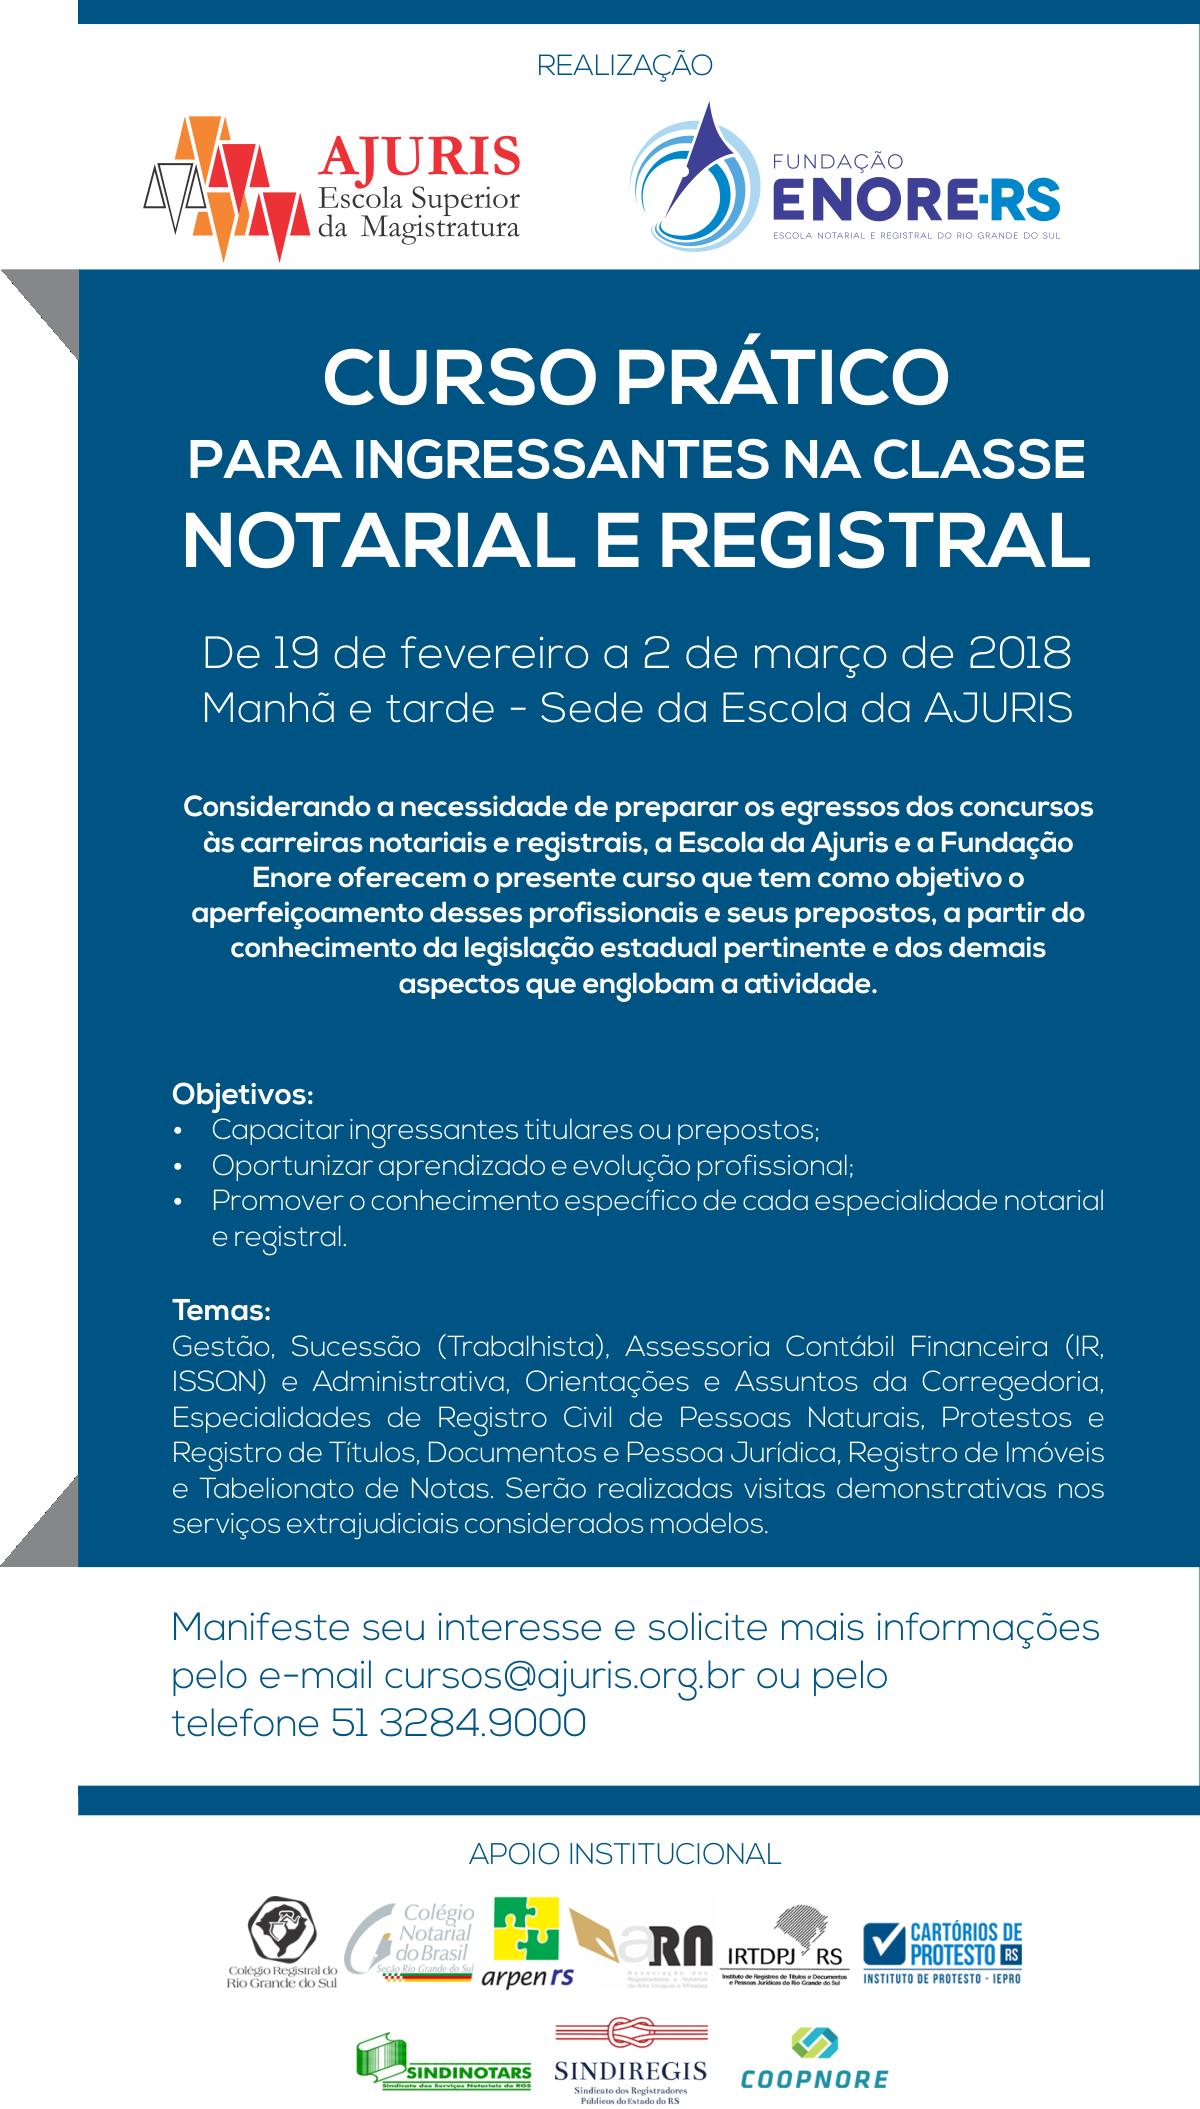 Curso Prático para ingressantes na Classe Notarial e Registral